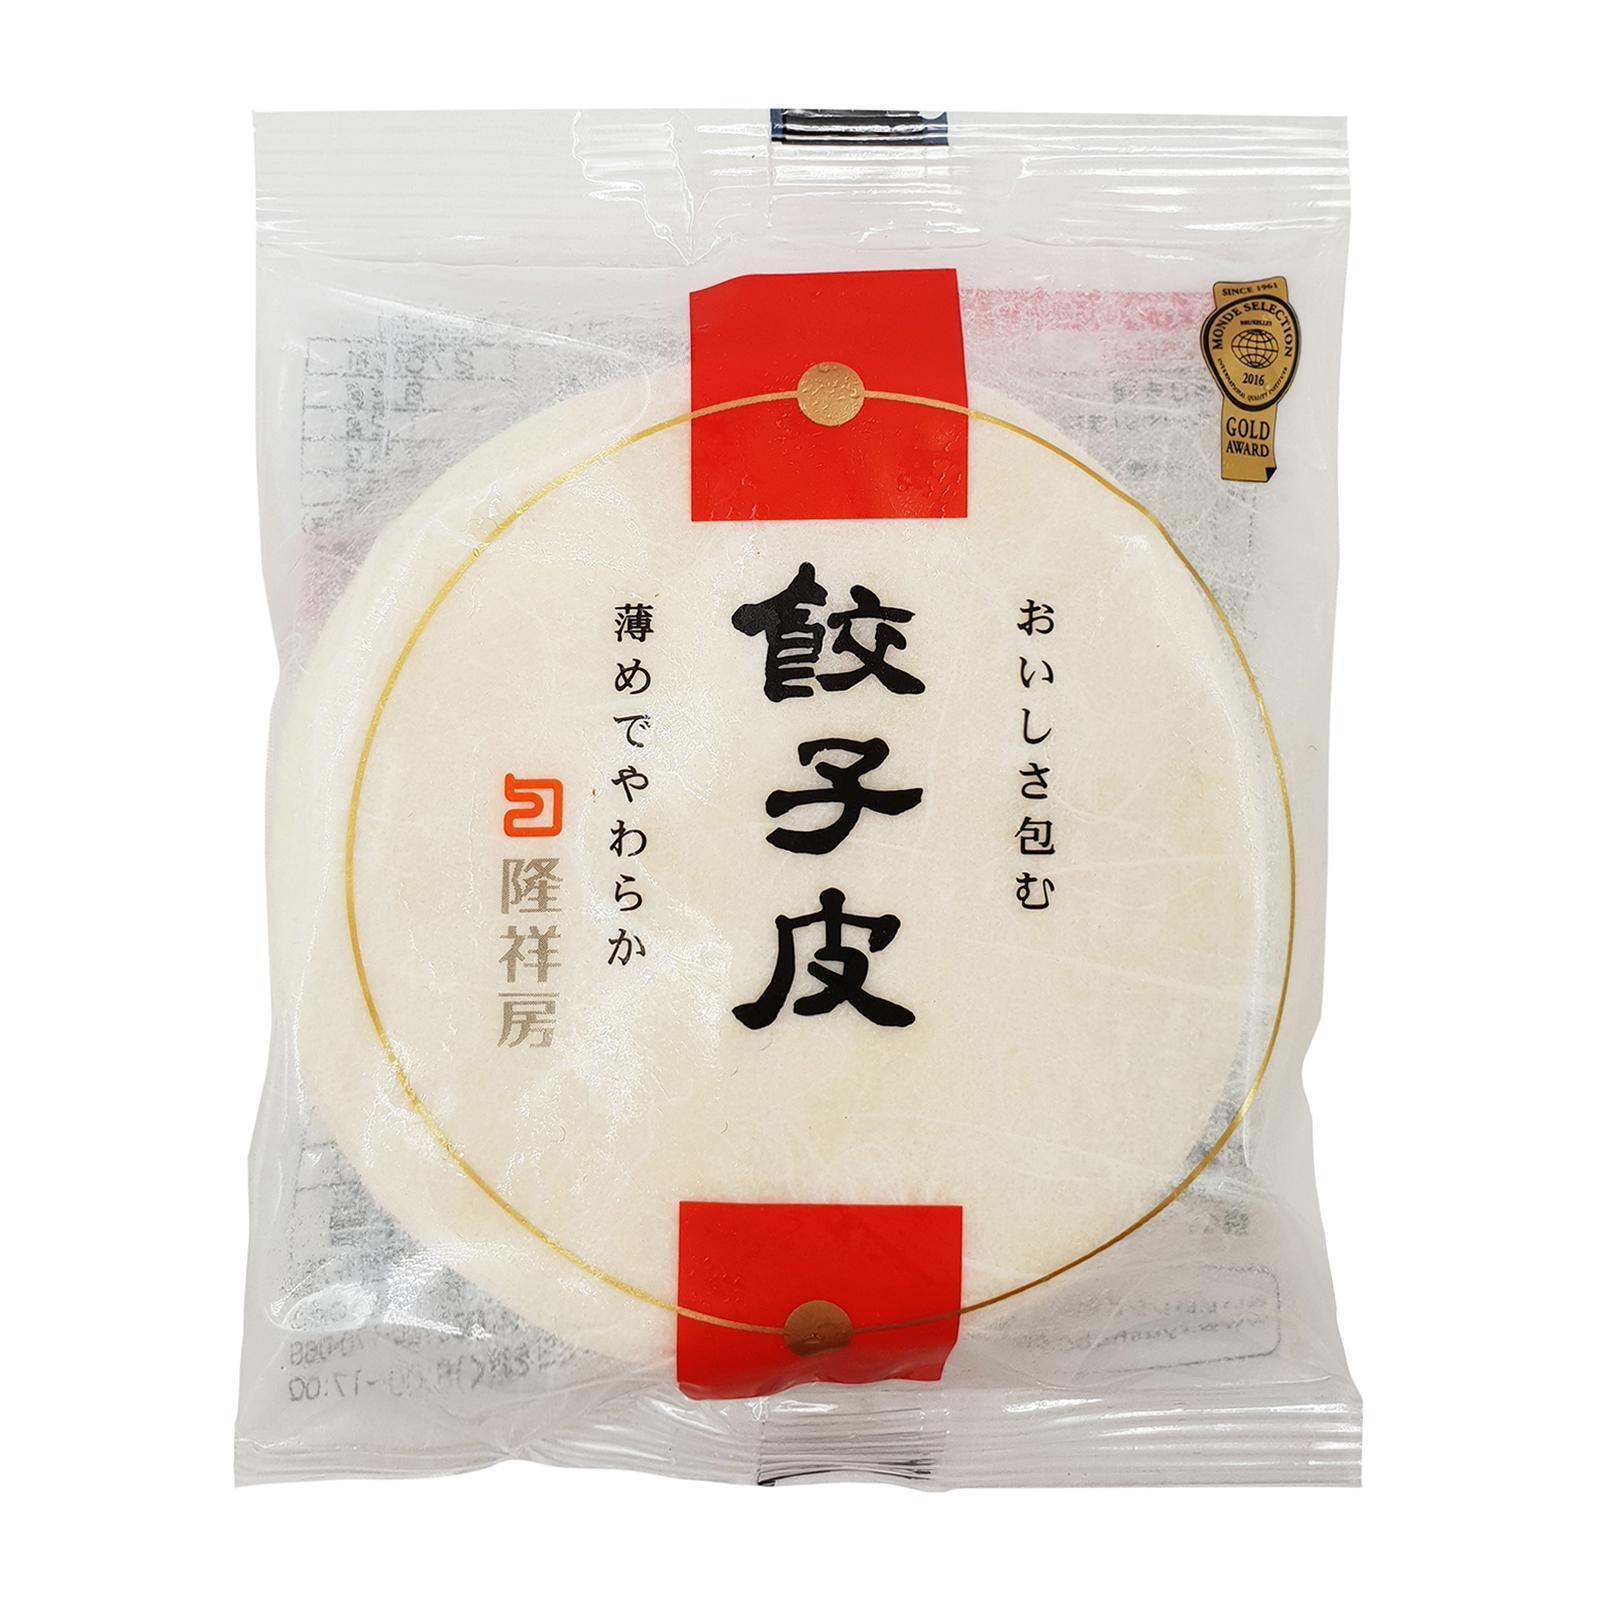 Ryushobo Gyoza Pan Fried Dumpling Skin Wrap 25p - Frozen